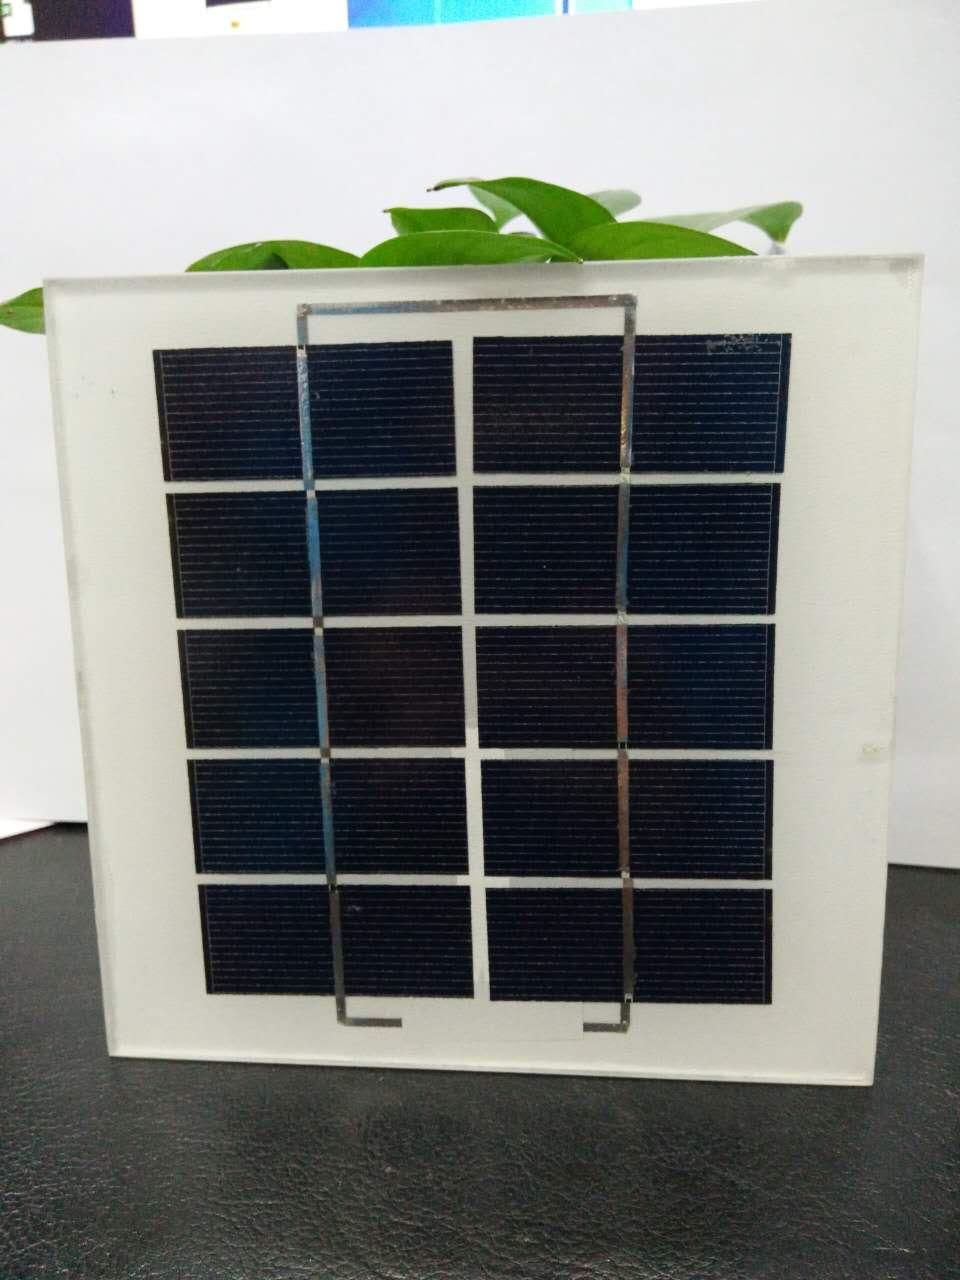 Солнечной энергии выработки электроэнергии аккумулятор доска 5v6v2.4wDIY зарядки мобильных телефонов сокровище зарядное устройство свет вольт